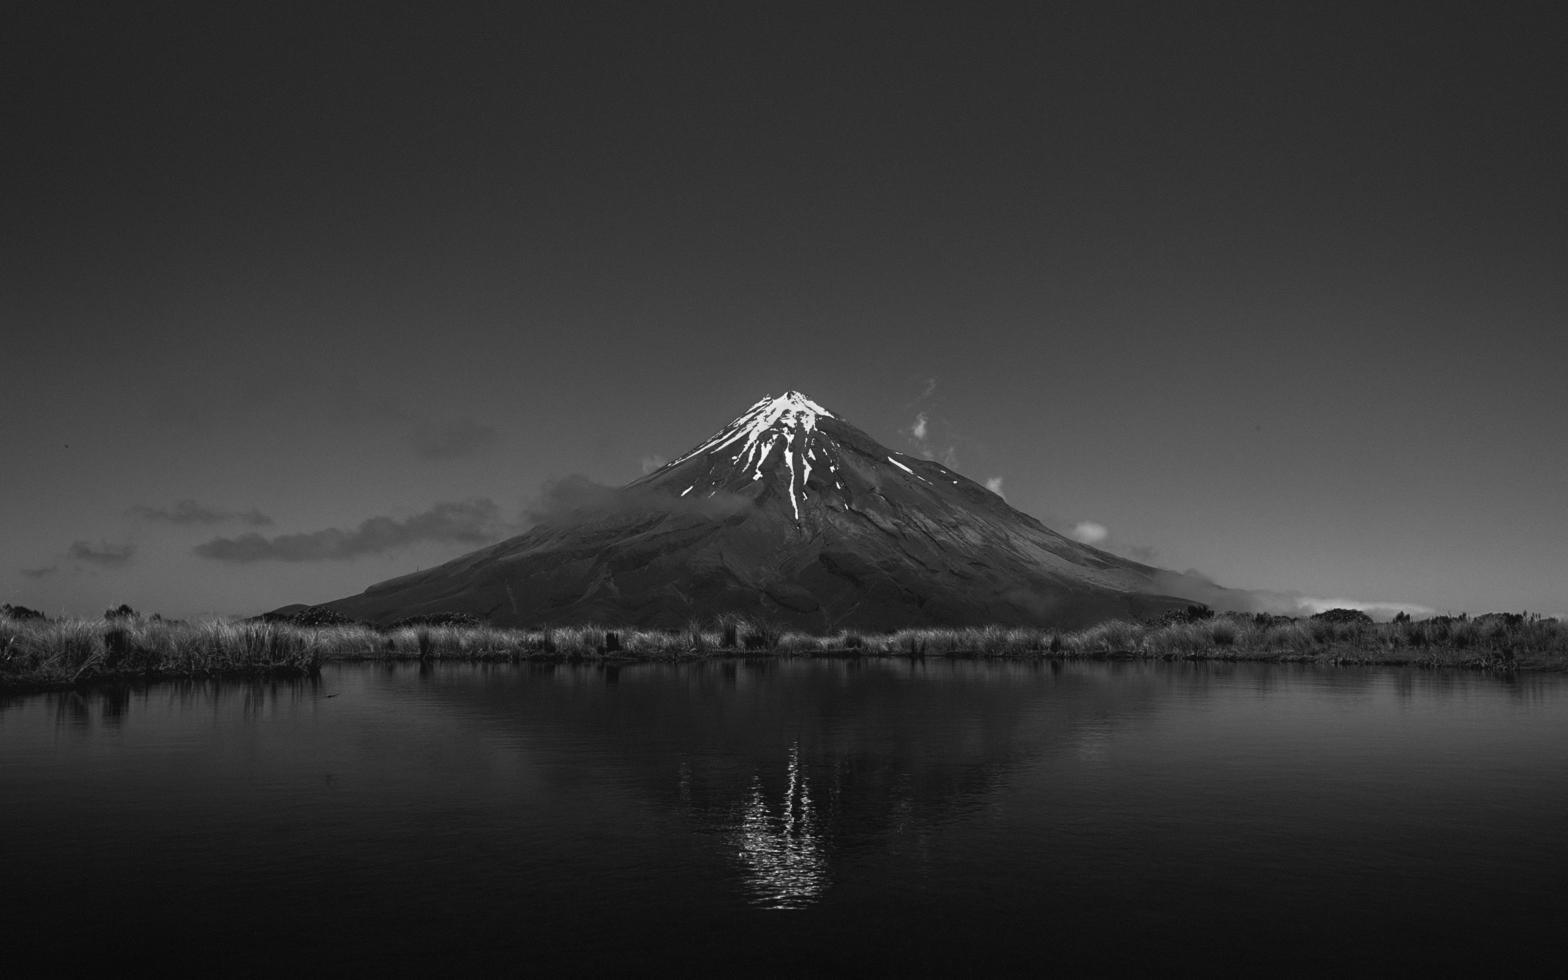 foto in scala di grigi del vulcano